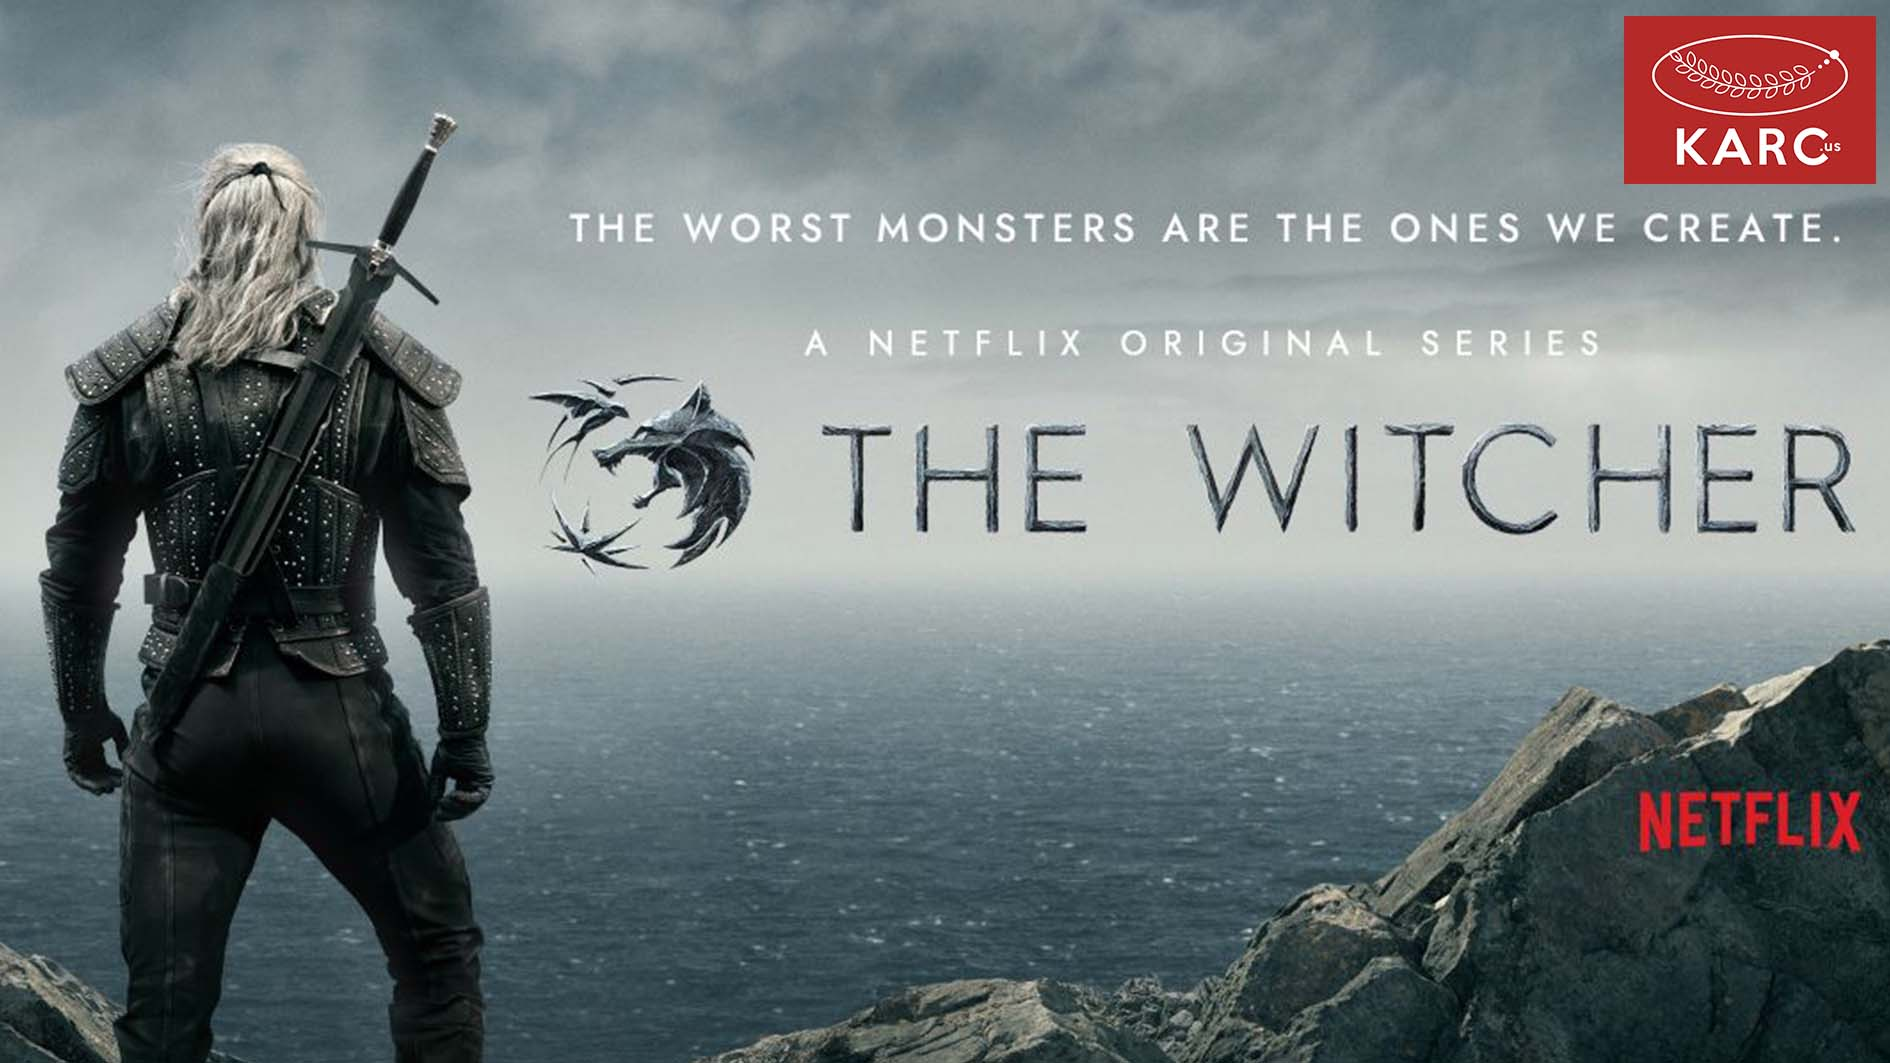 รีวิวซี่รี่ย์ Netflix :: The Witcher โคตรมันส์ -karc.us วงการภาพยนต์ , แนะนำหนังดี , แนะนำหนังน่าดู , หนังน่าดู , #รีวิวหนังใหม่ , ก่อนตายต้องได้ดู! , ข่าวดารา , ข่าวเด่นประเด็นร้อน , รีวิวหนังใหม่ , หนังดังในอดีต , karc.us ,